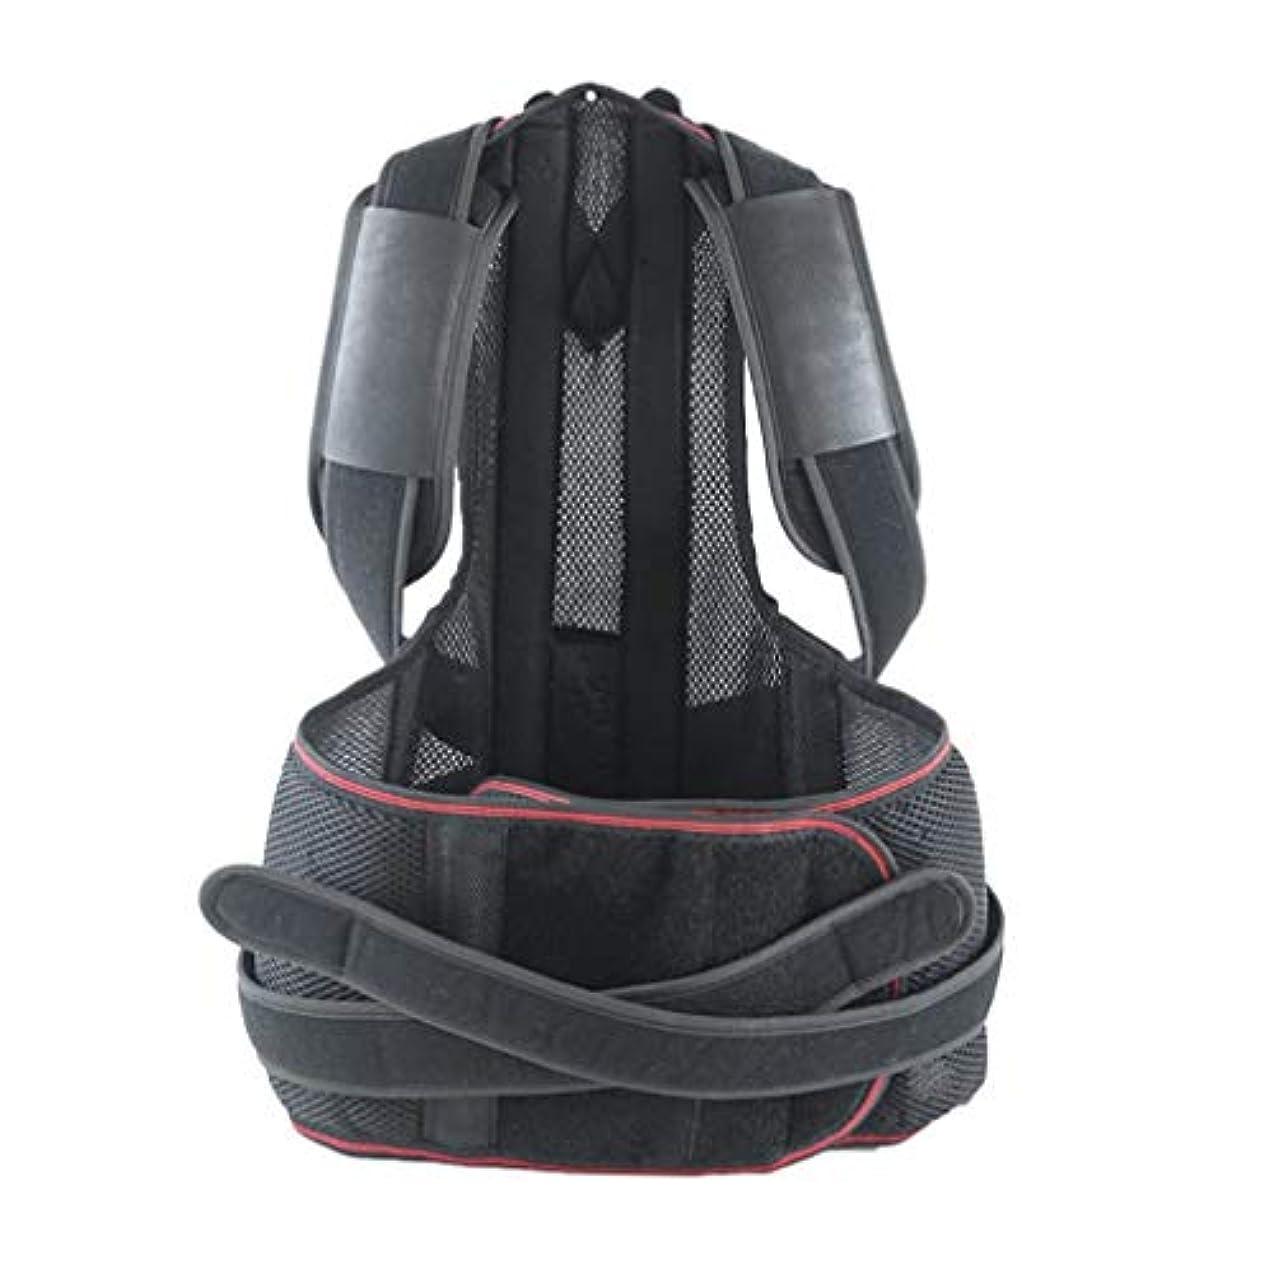 遠近法身元荒涼とした軽量の姿勢補正装置の悪い腰部の肩サポート背中の痛みブレース-Rustle666